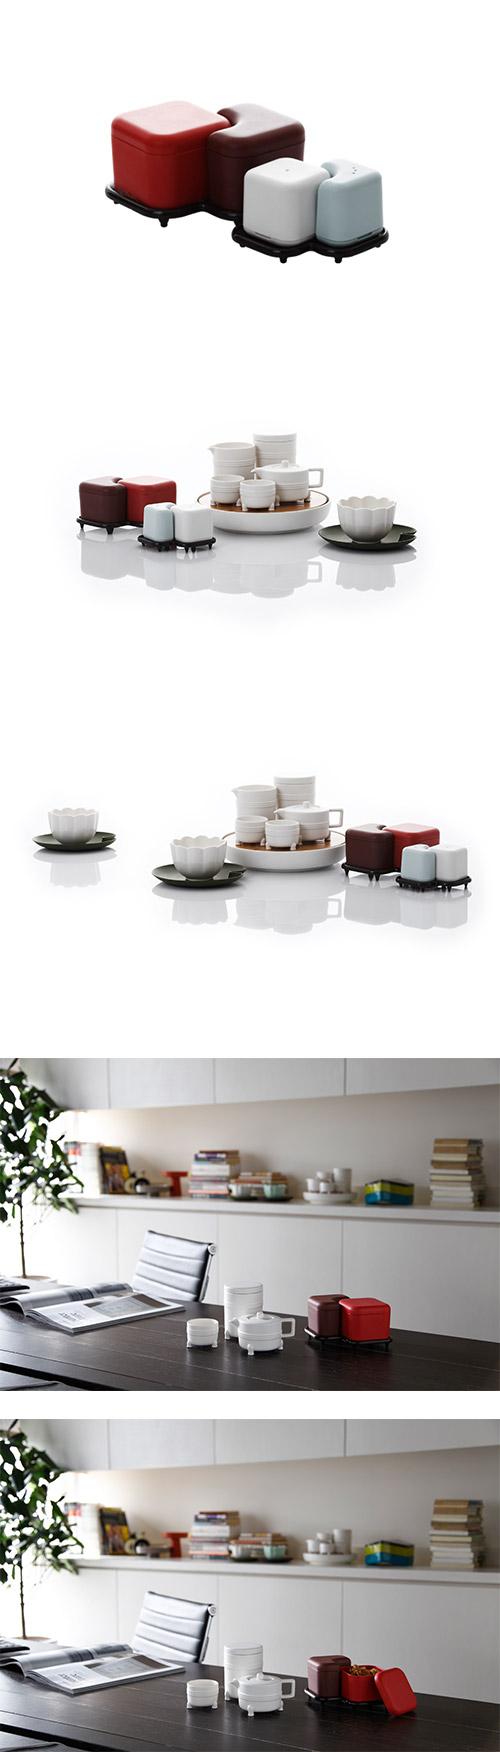 家 JIA 故宮系列 Serving Box 方勝食盒 / 置物盒 紅色組合